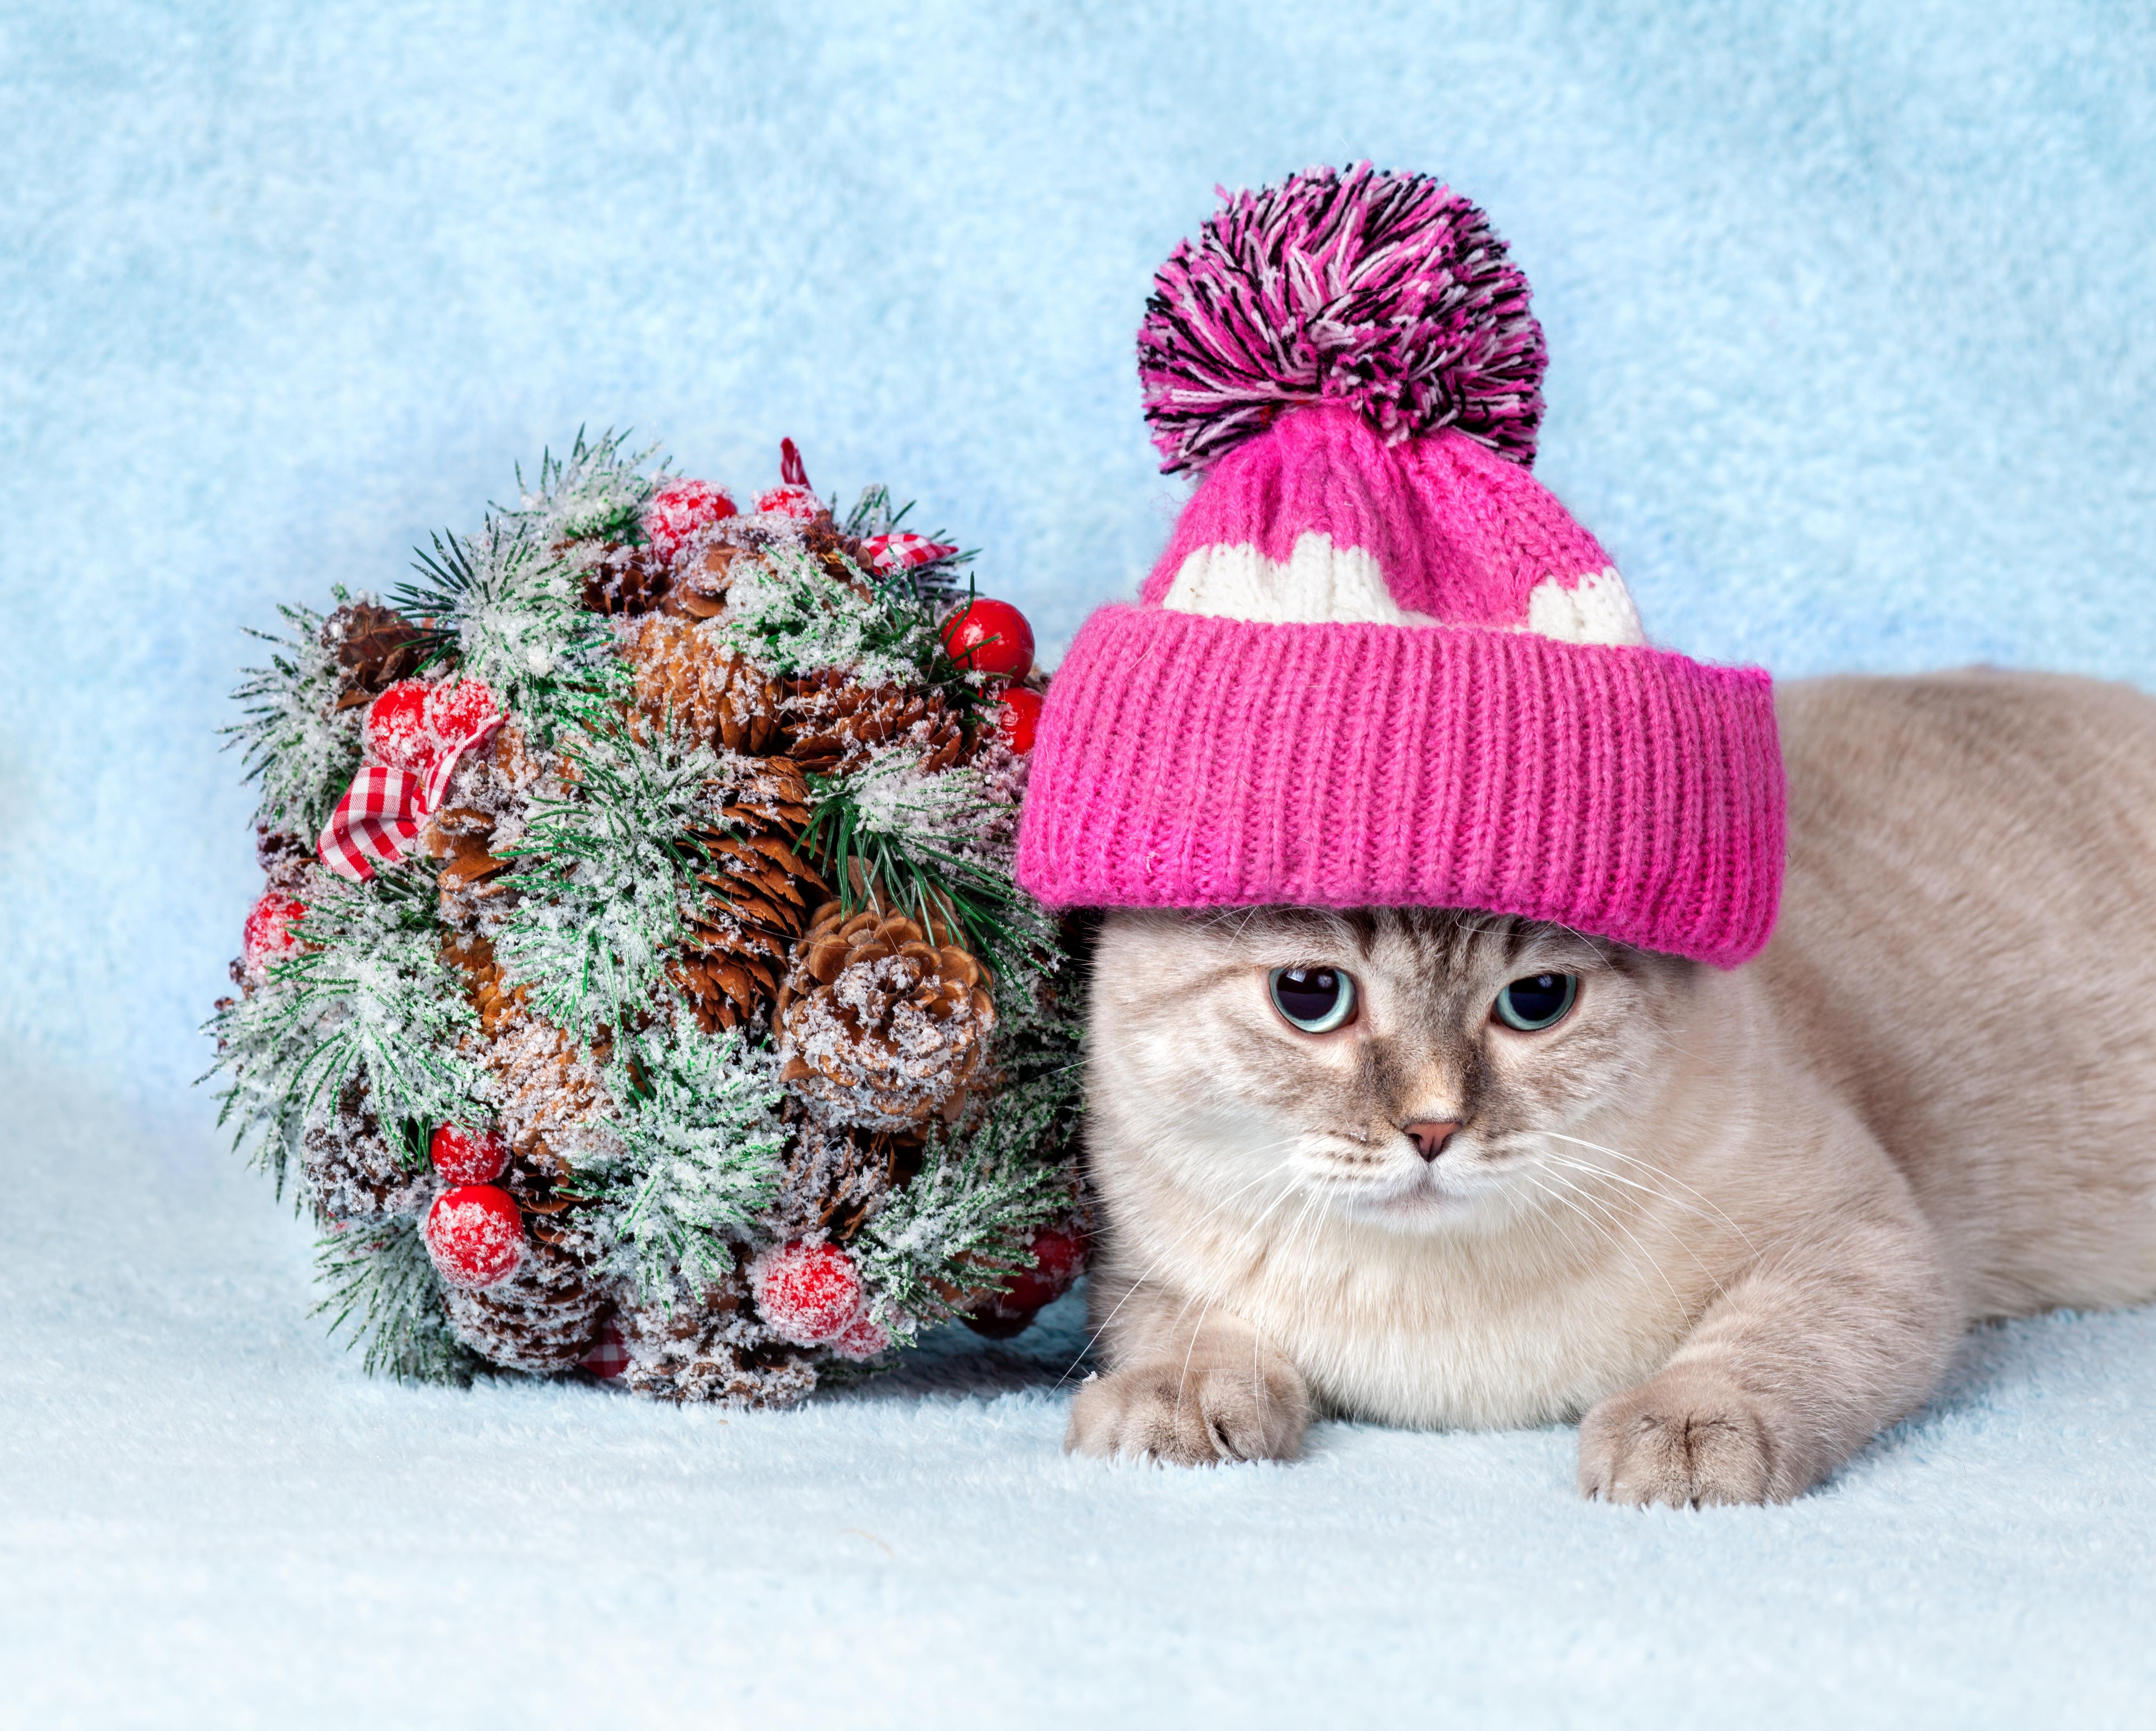 Кот под шапкой  № 3059219 без смс